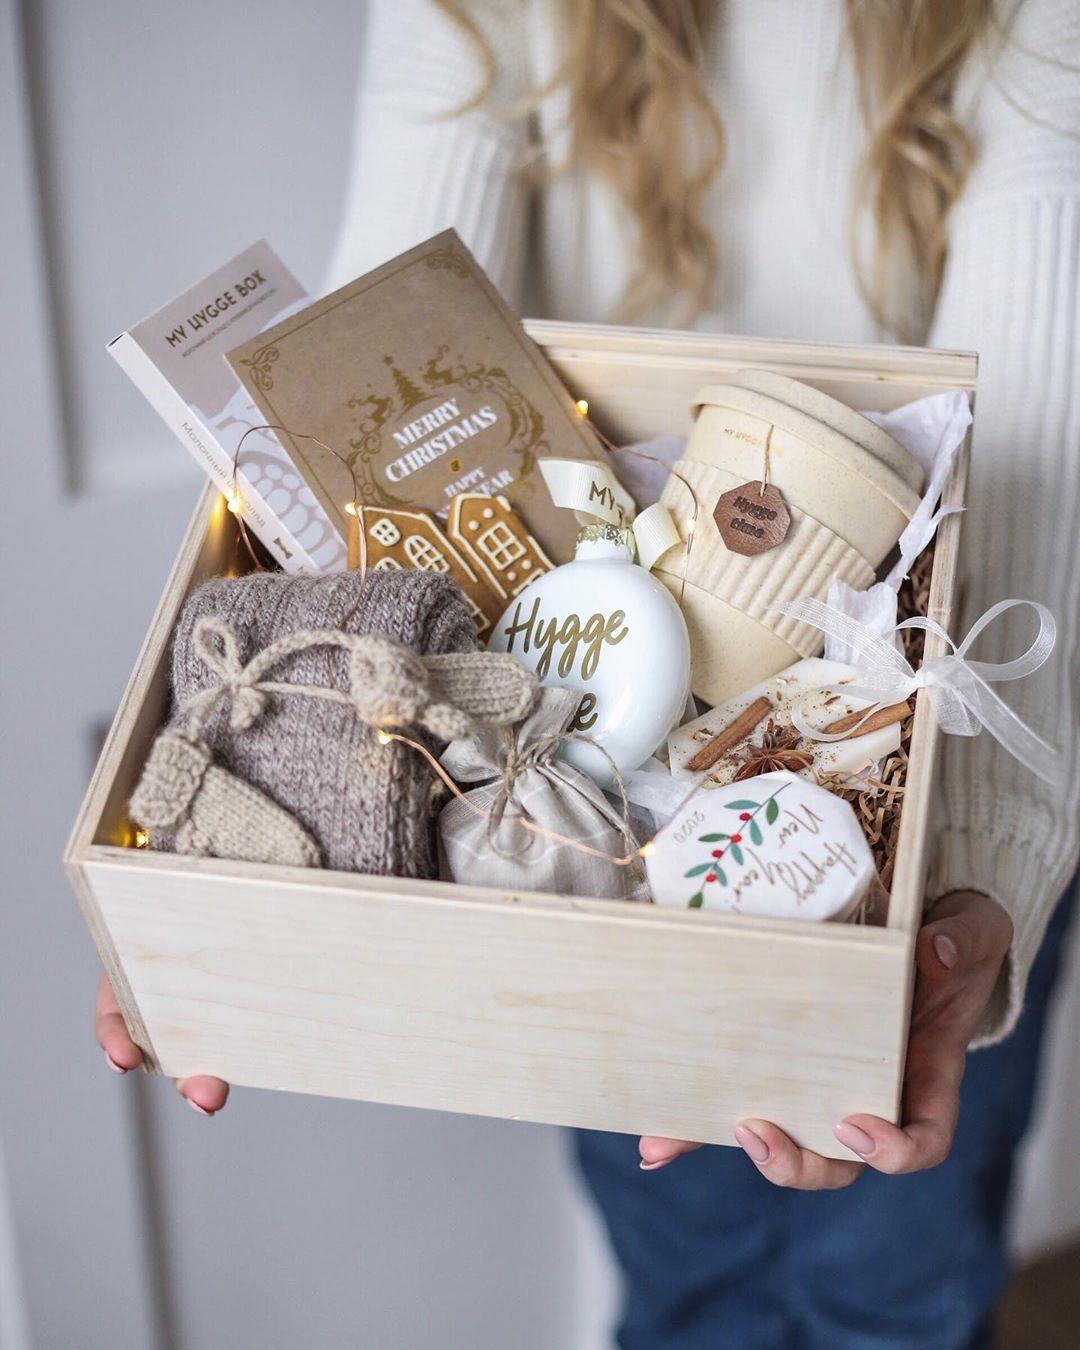 Uyutnye Podarki My Hygge Box On Instagram Vy Ochen Polyubili Etot Tyoplyj Uyutnyj Podarochny Diy Christmas Gifts Christmas Gift Baskets Diy Happy Birthday Gifts